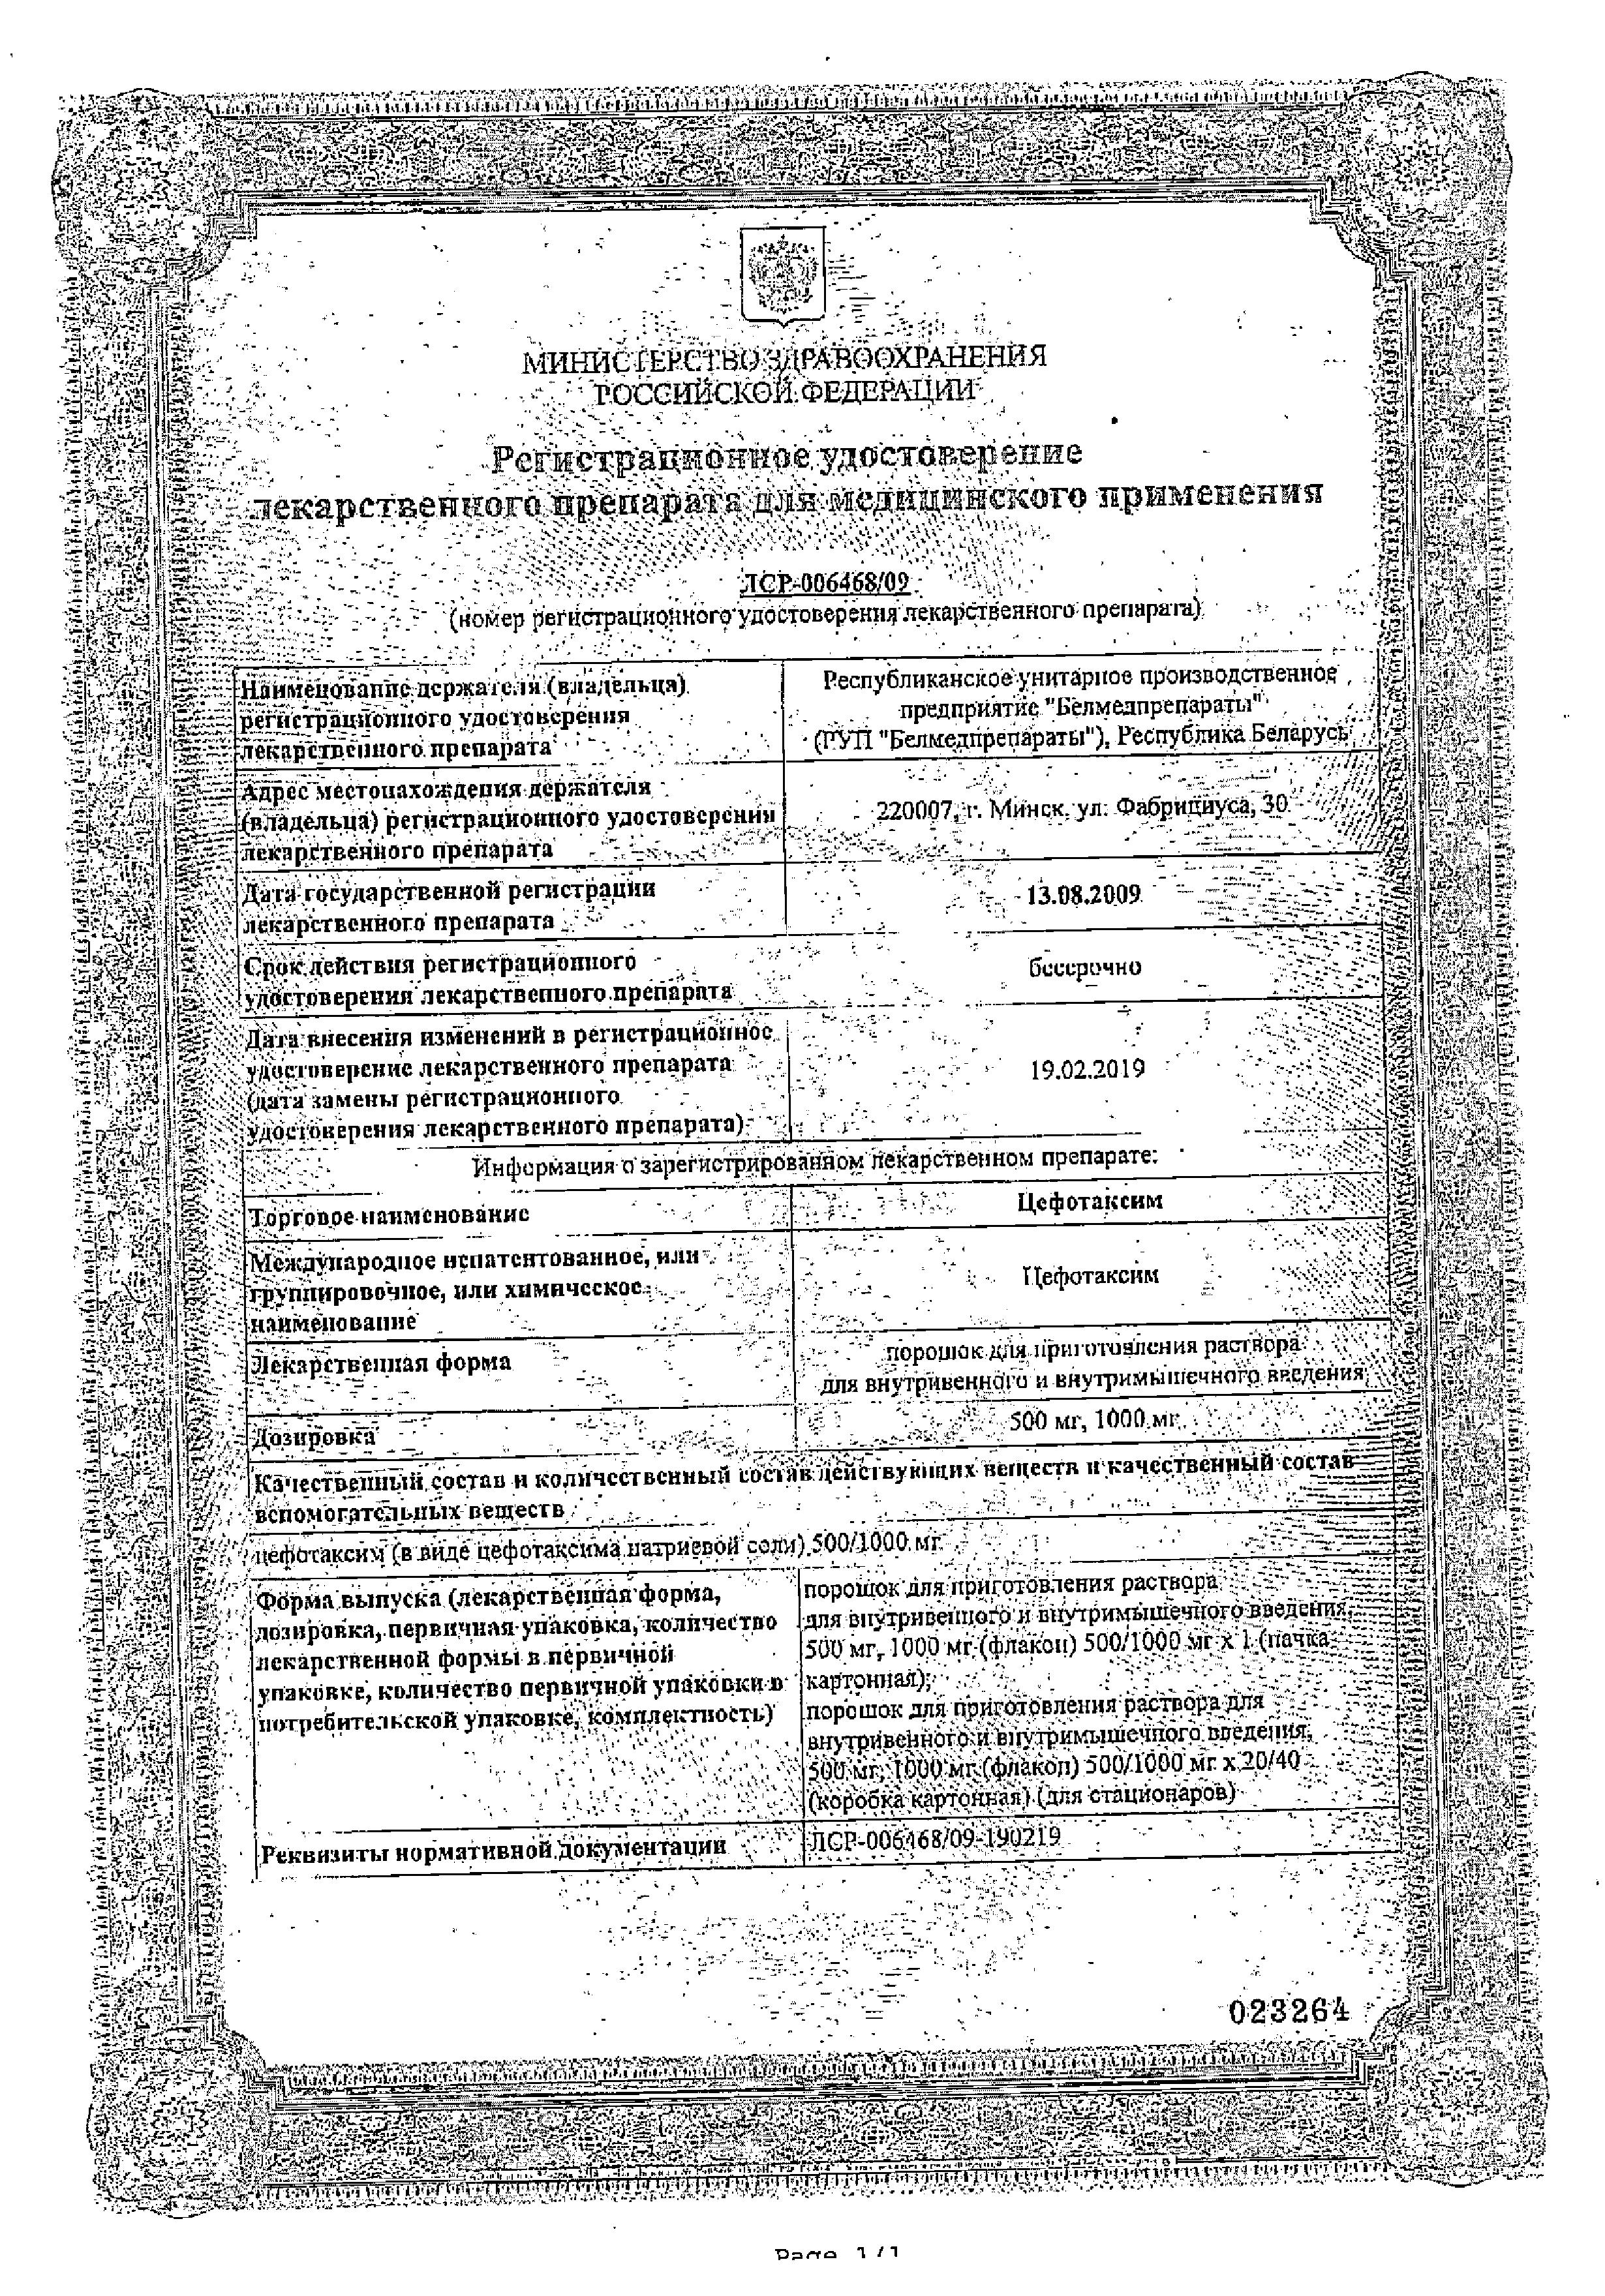 Цефотаксим сертификат